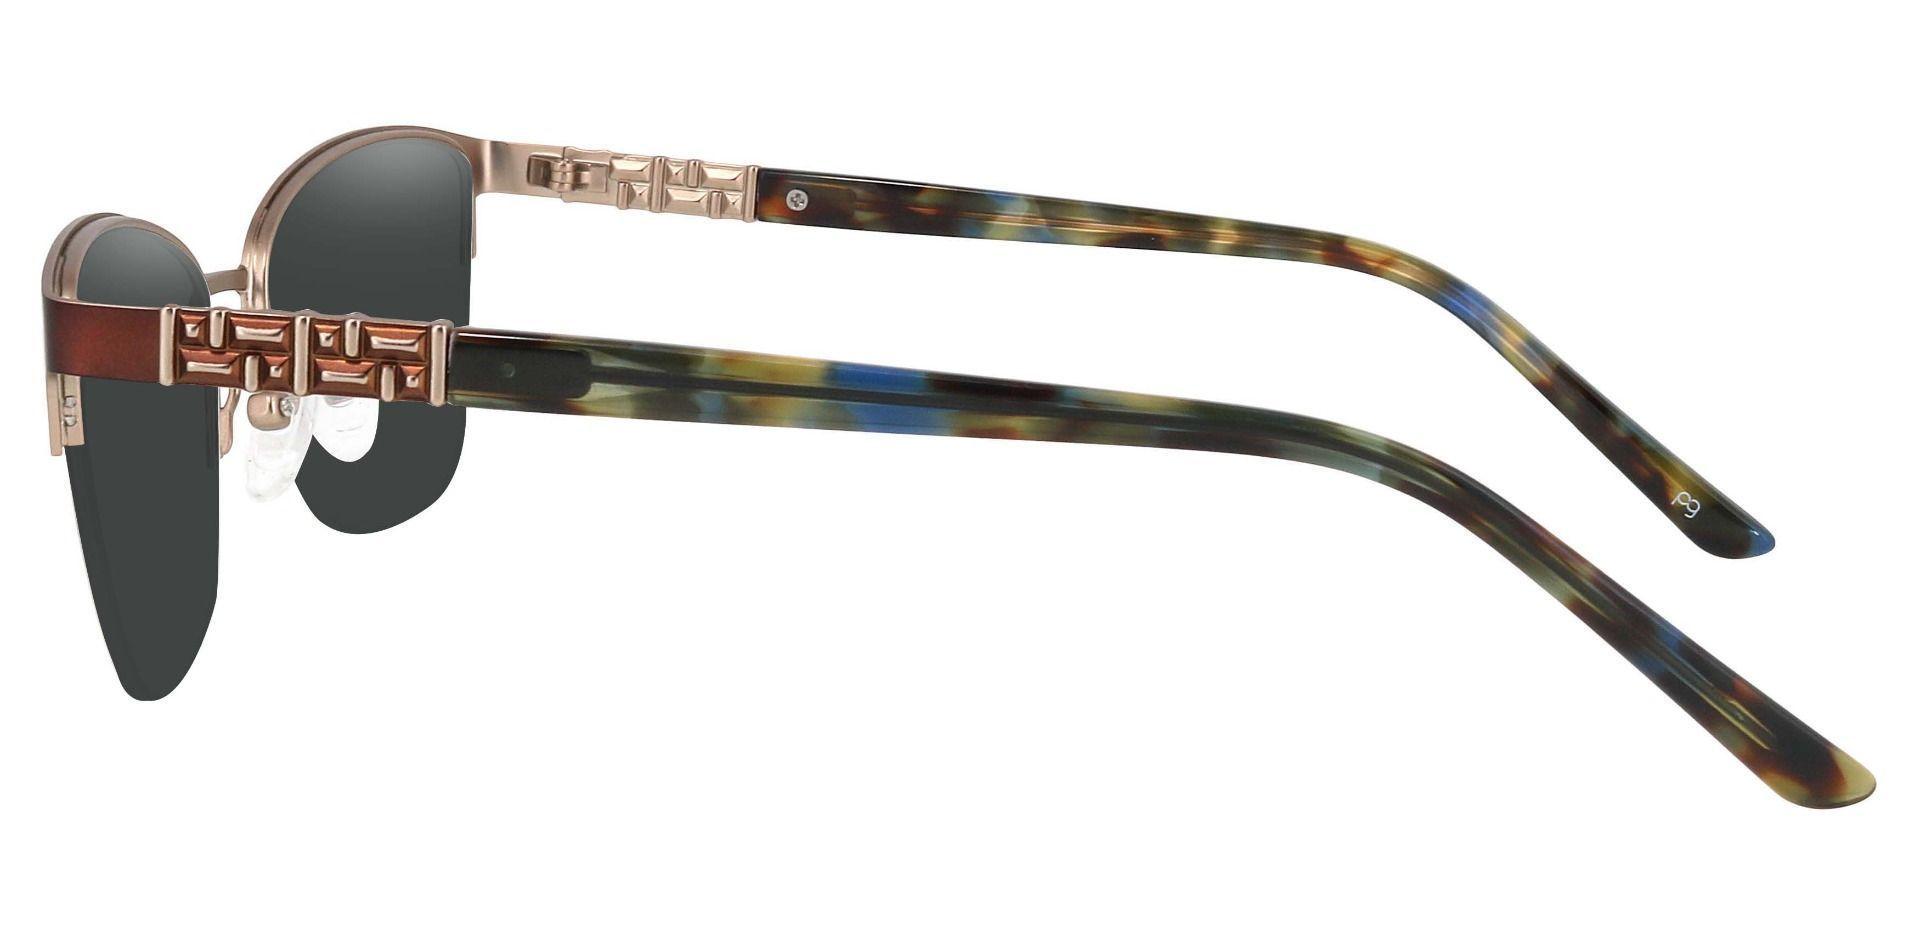 Ballad Cat Eye Progressive Sunglasses - Brown Frame With Gray Lenses